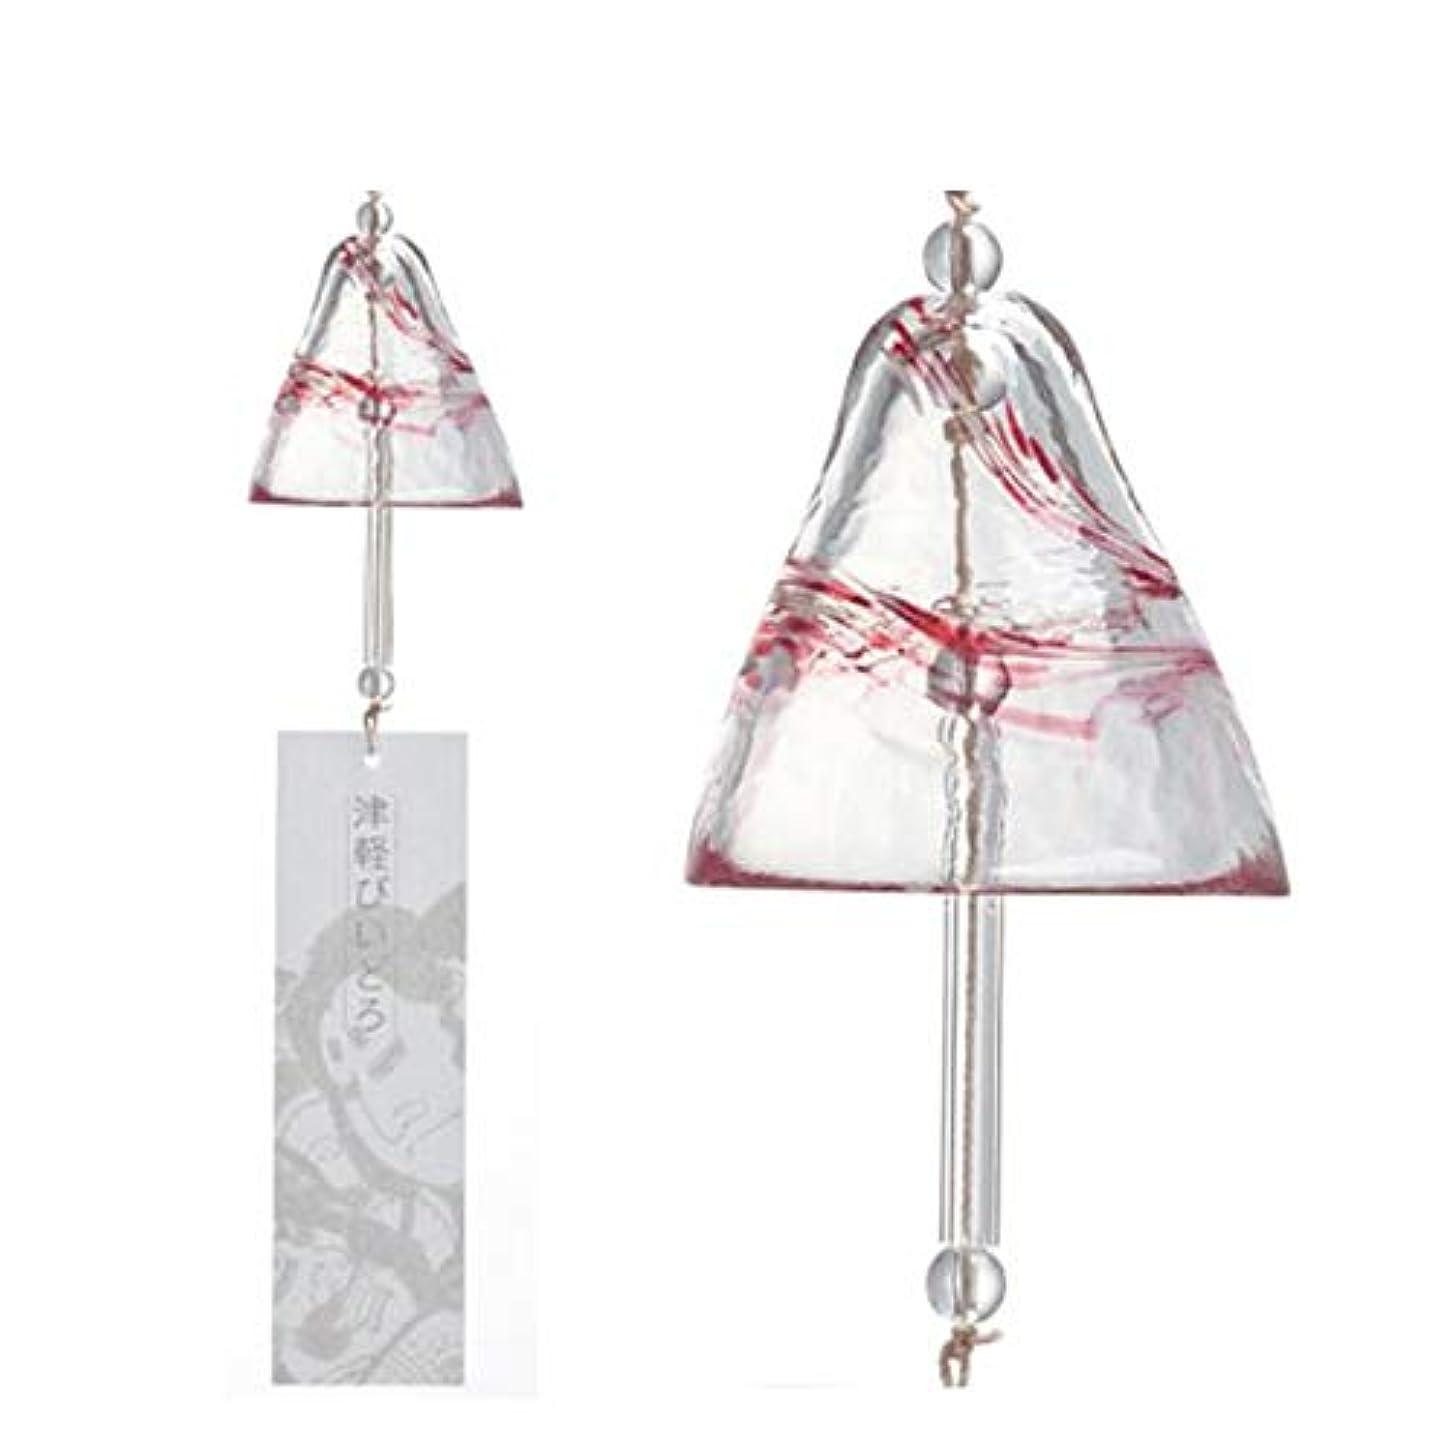 洗剤せがむコンテストChengjinxiang 風チャイム、クリスタルガラス風チャイム、ドア飾りペンダント、レッド、サイズ75x76mmハンギング,クリエイティブギフト (Color : Red)